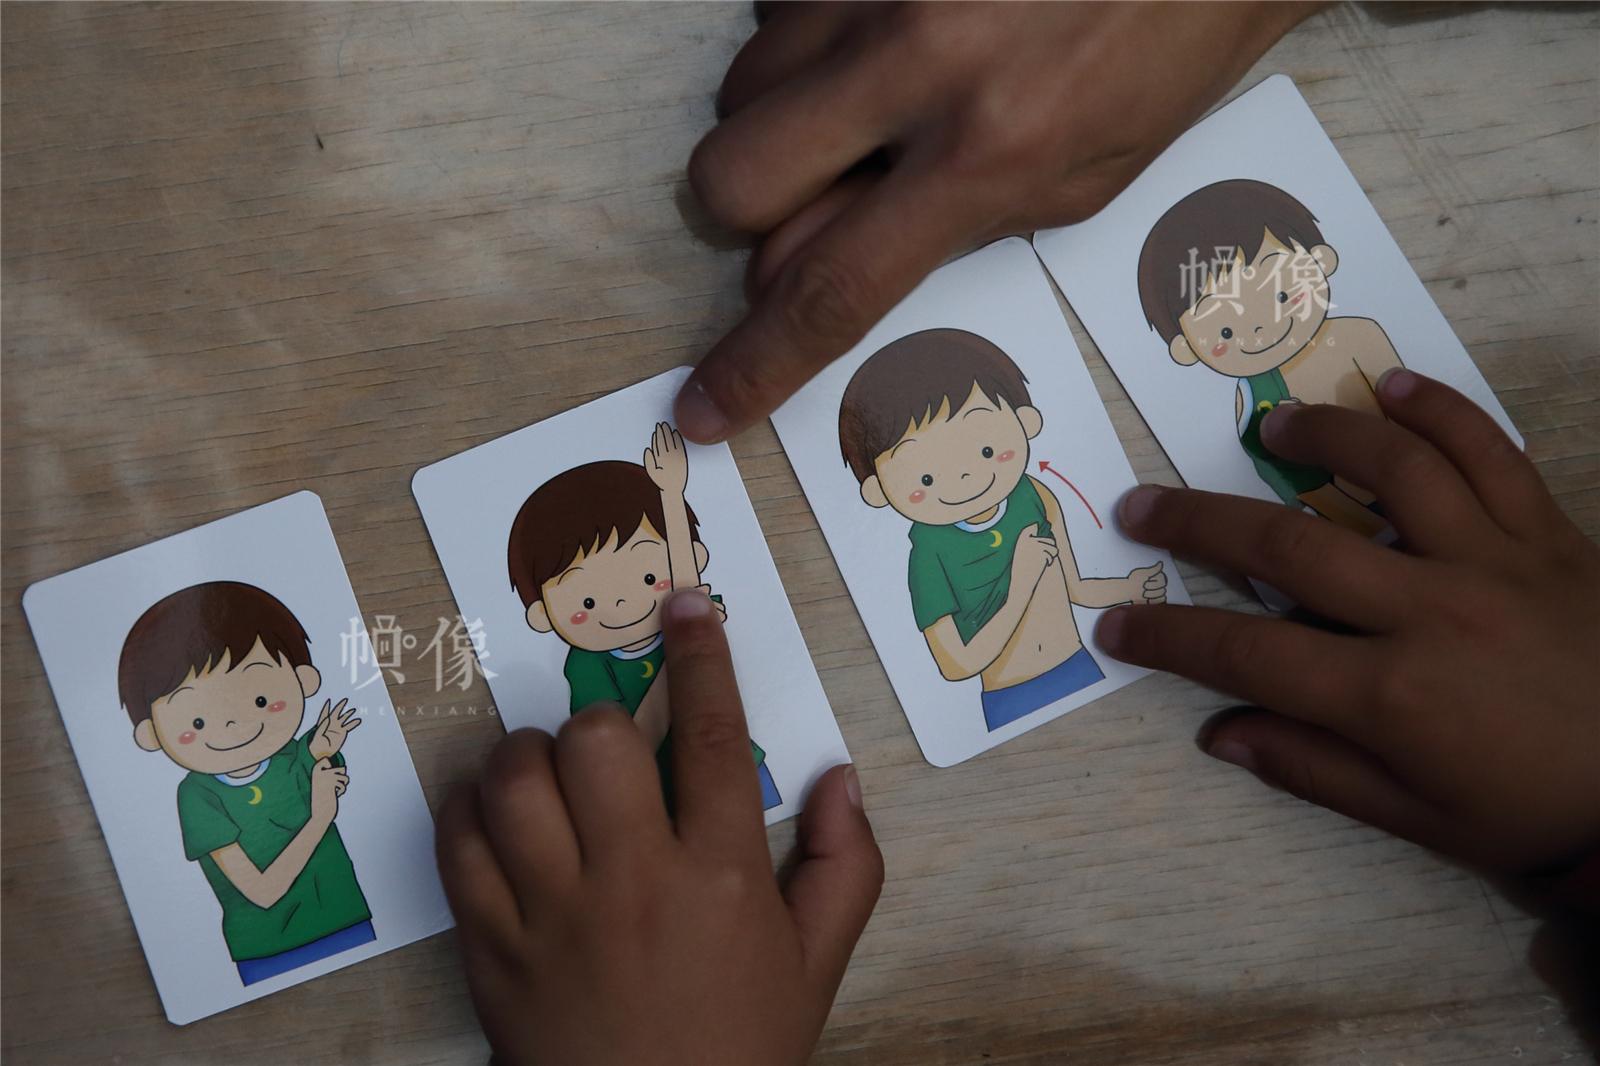 2017年3月27日,北京星星雨教育研究所,5歲的自閉症孩子源源在母親的陪伴下,進行圖畫順序訓練。中國網記者陳維松 攝